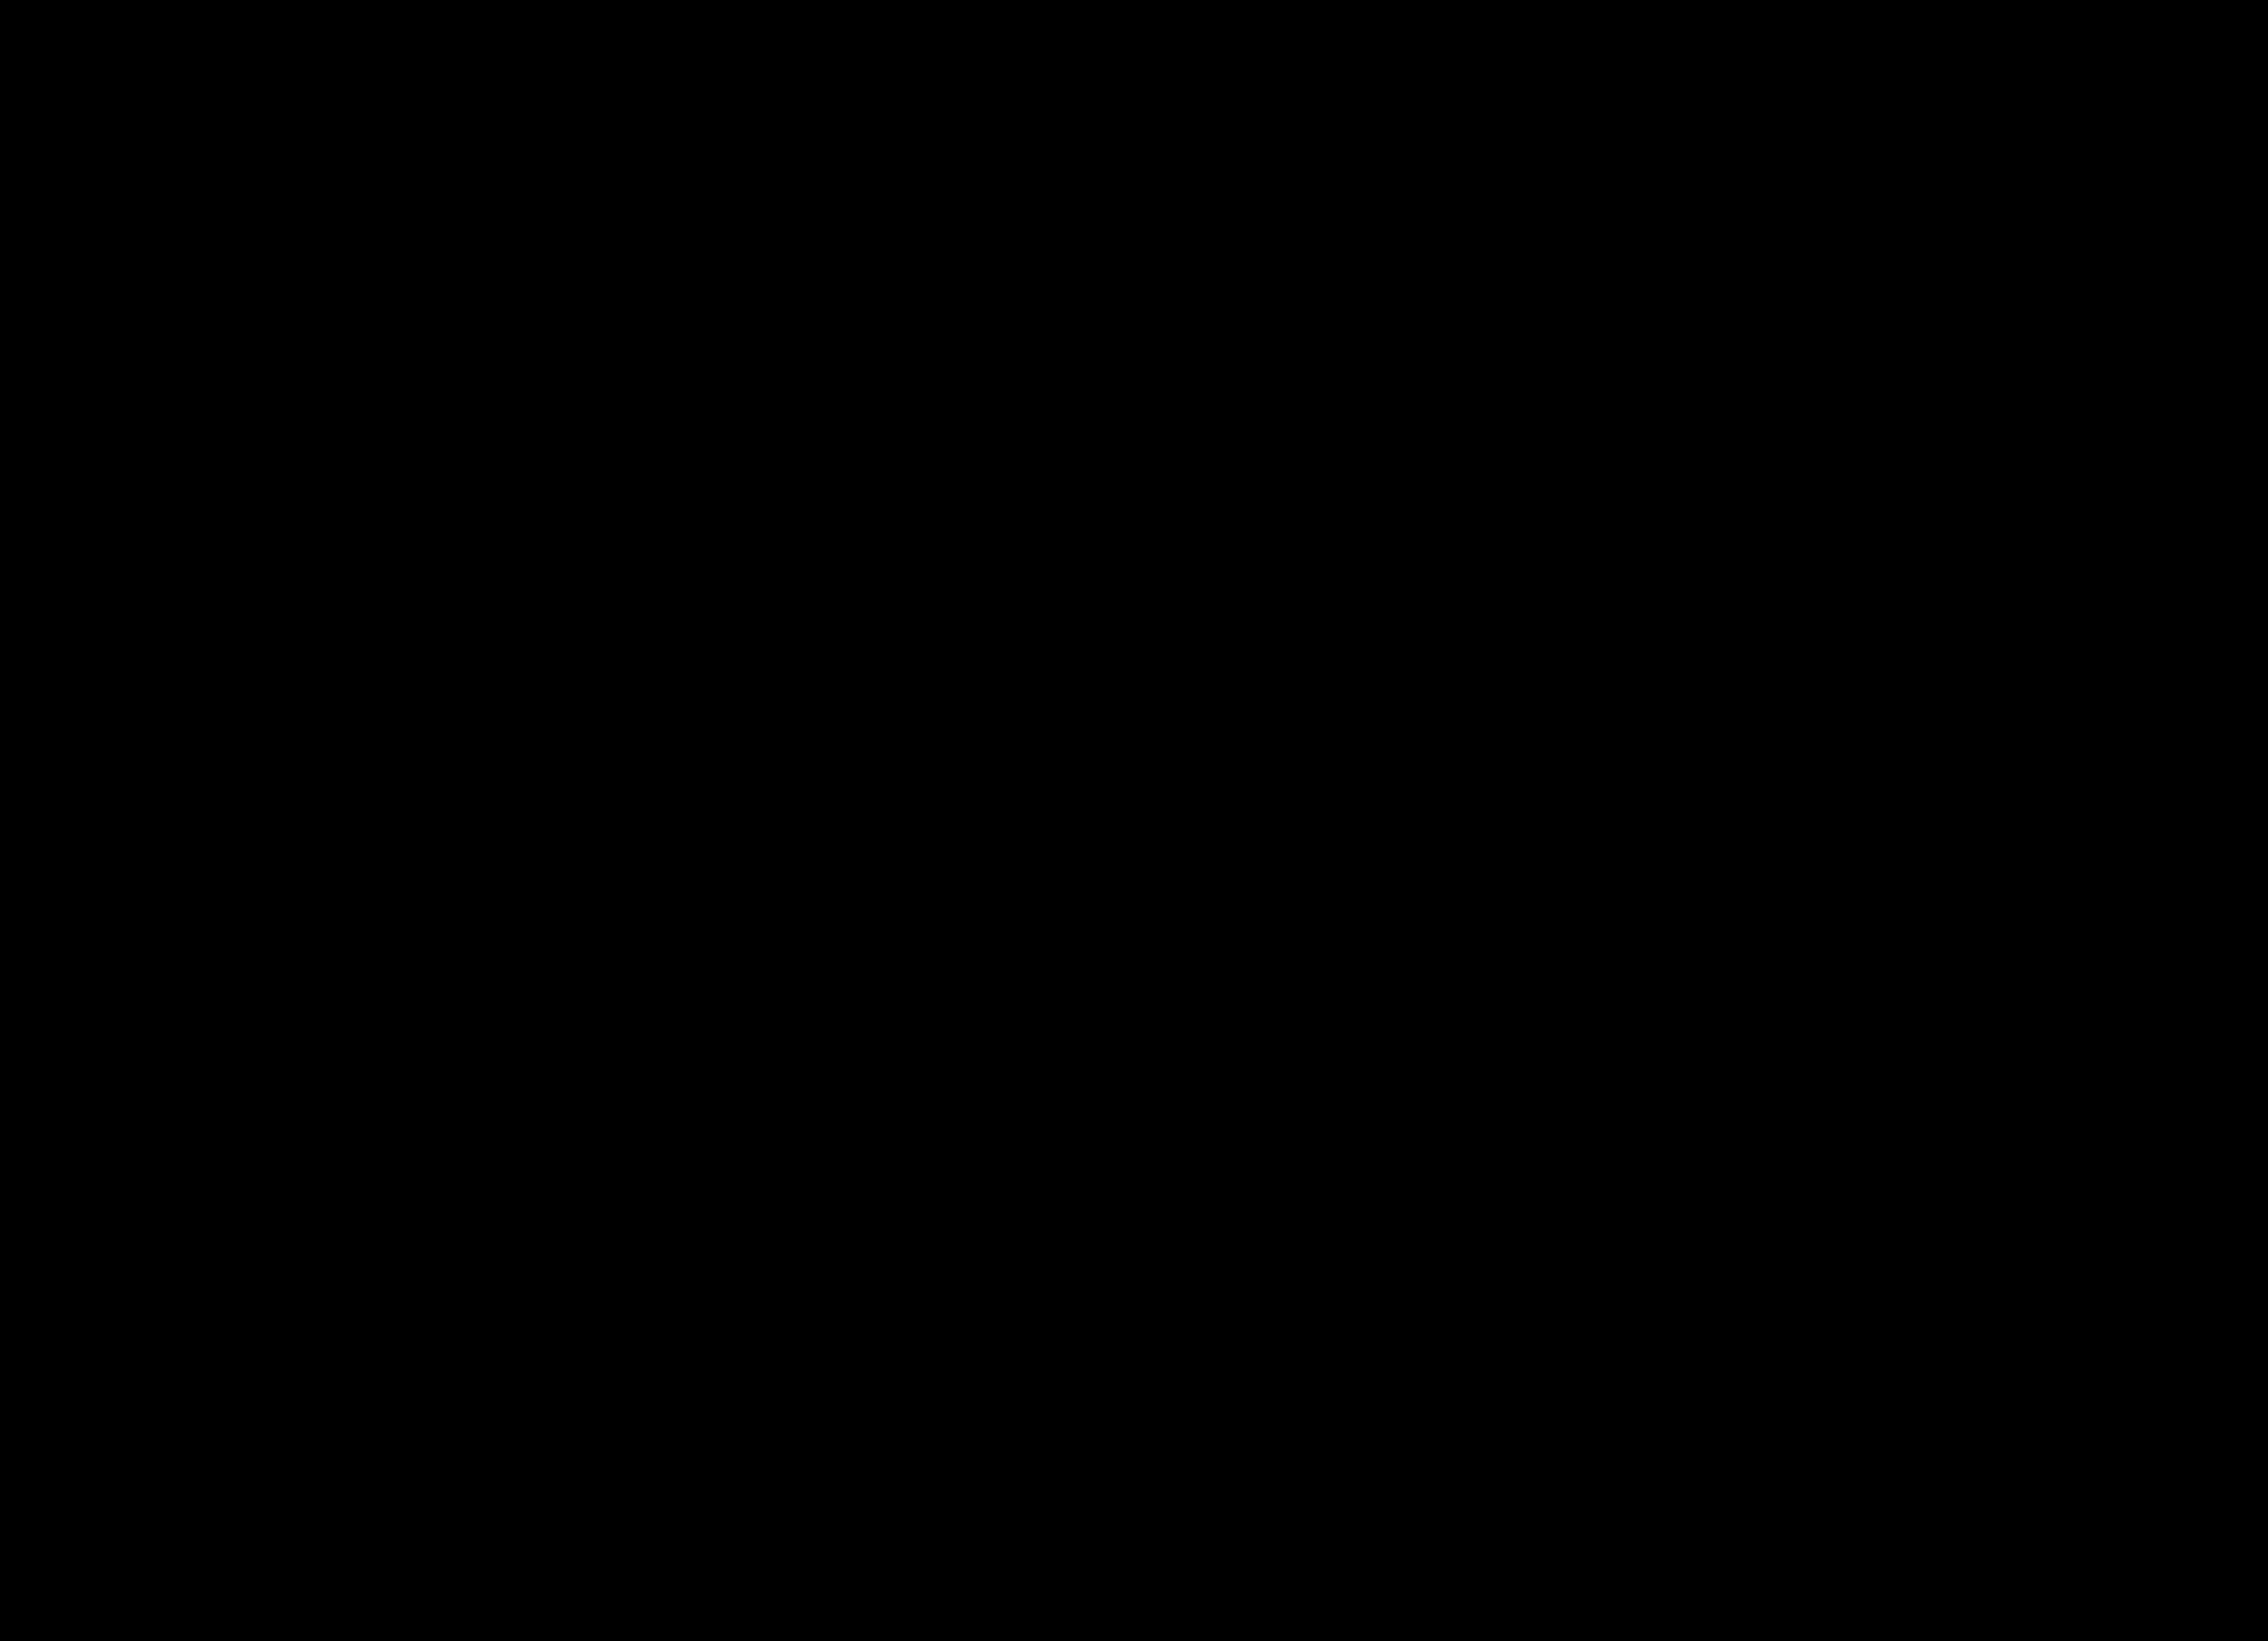 Neuer Lars Laj Spielplatz in Bischofswiesen